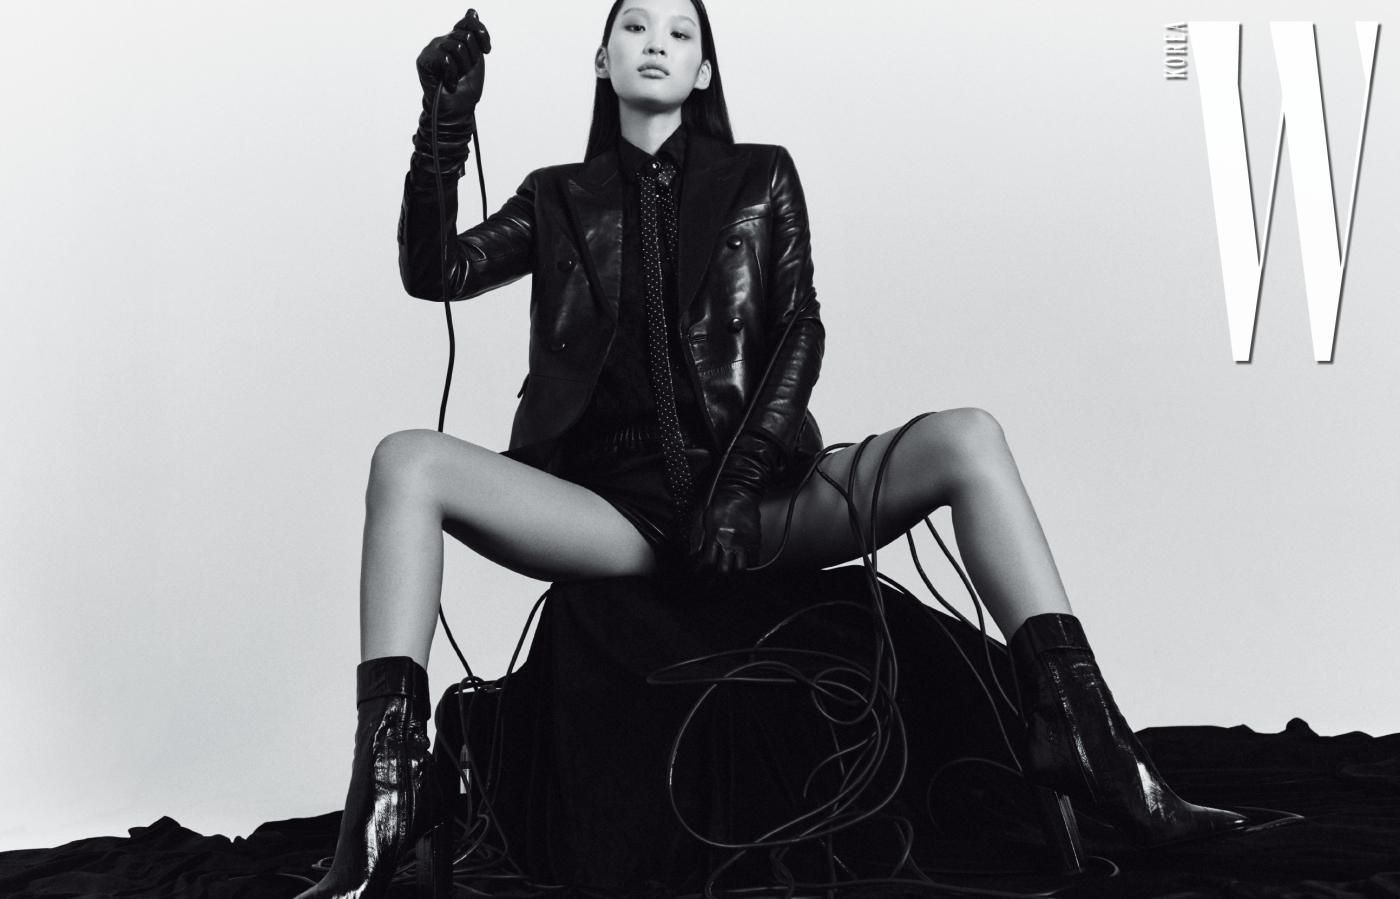 가죽 테일러 파이핑 재킷, 검정 파리 컬렉션 셔츠, 미니 쇼츠, 스터드 장식 타이, 롱 레더 글러브, 조플린 버클 부츠, 블랙 페이턴트 가죽 라지 비키 백은 모두 Saint Laurent by Anthony Vaccarello 제품.